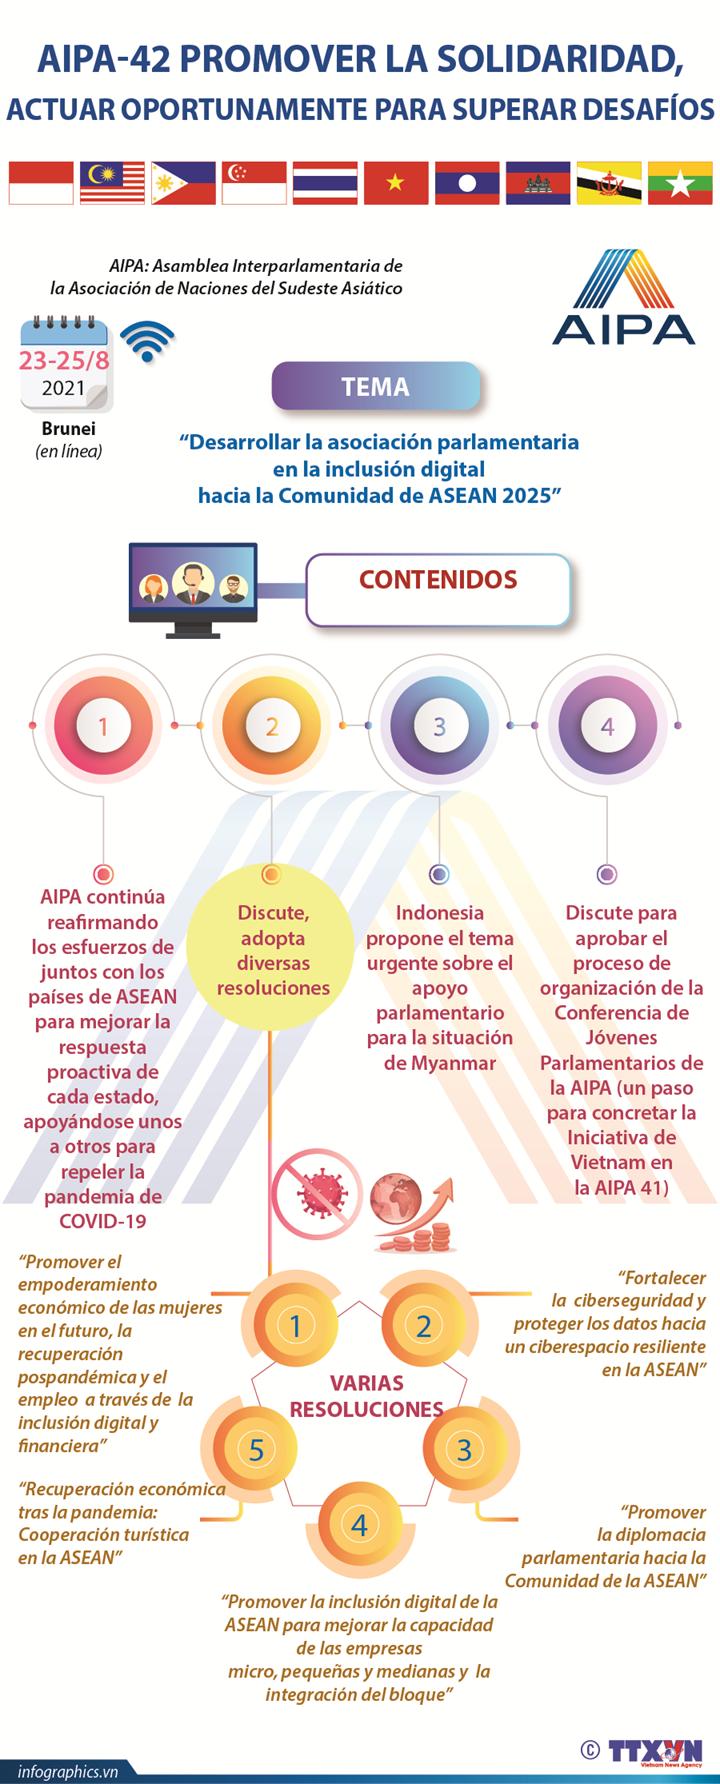 AIPA 42: Promueven la solidaridad para superar los desafíos